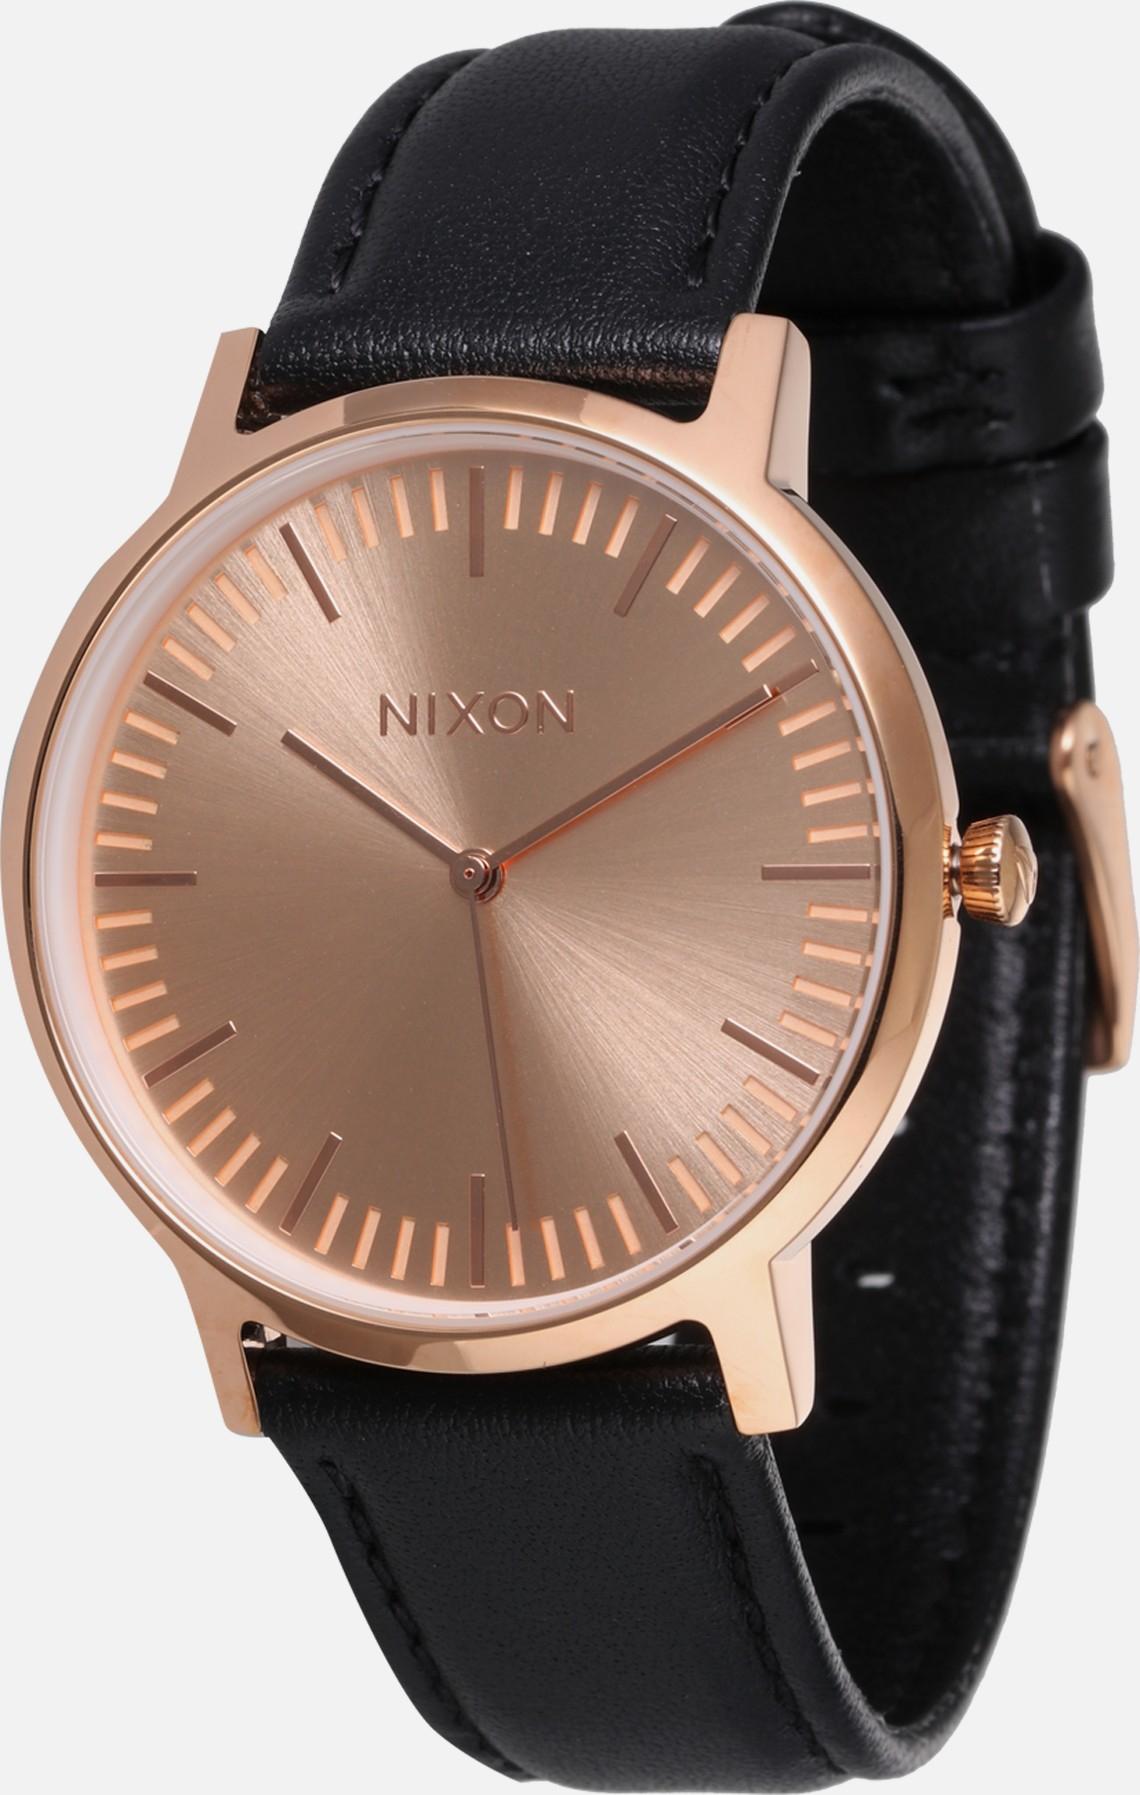 70% korting op verschillende Nixon horloges @ About You